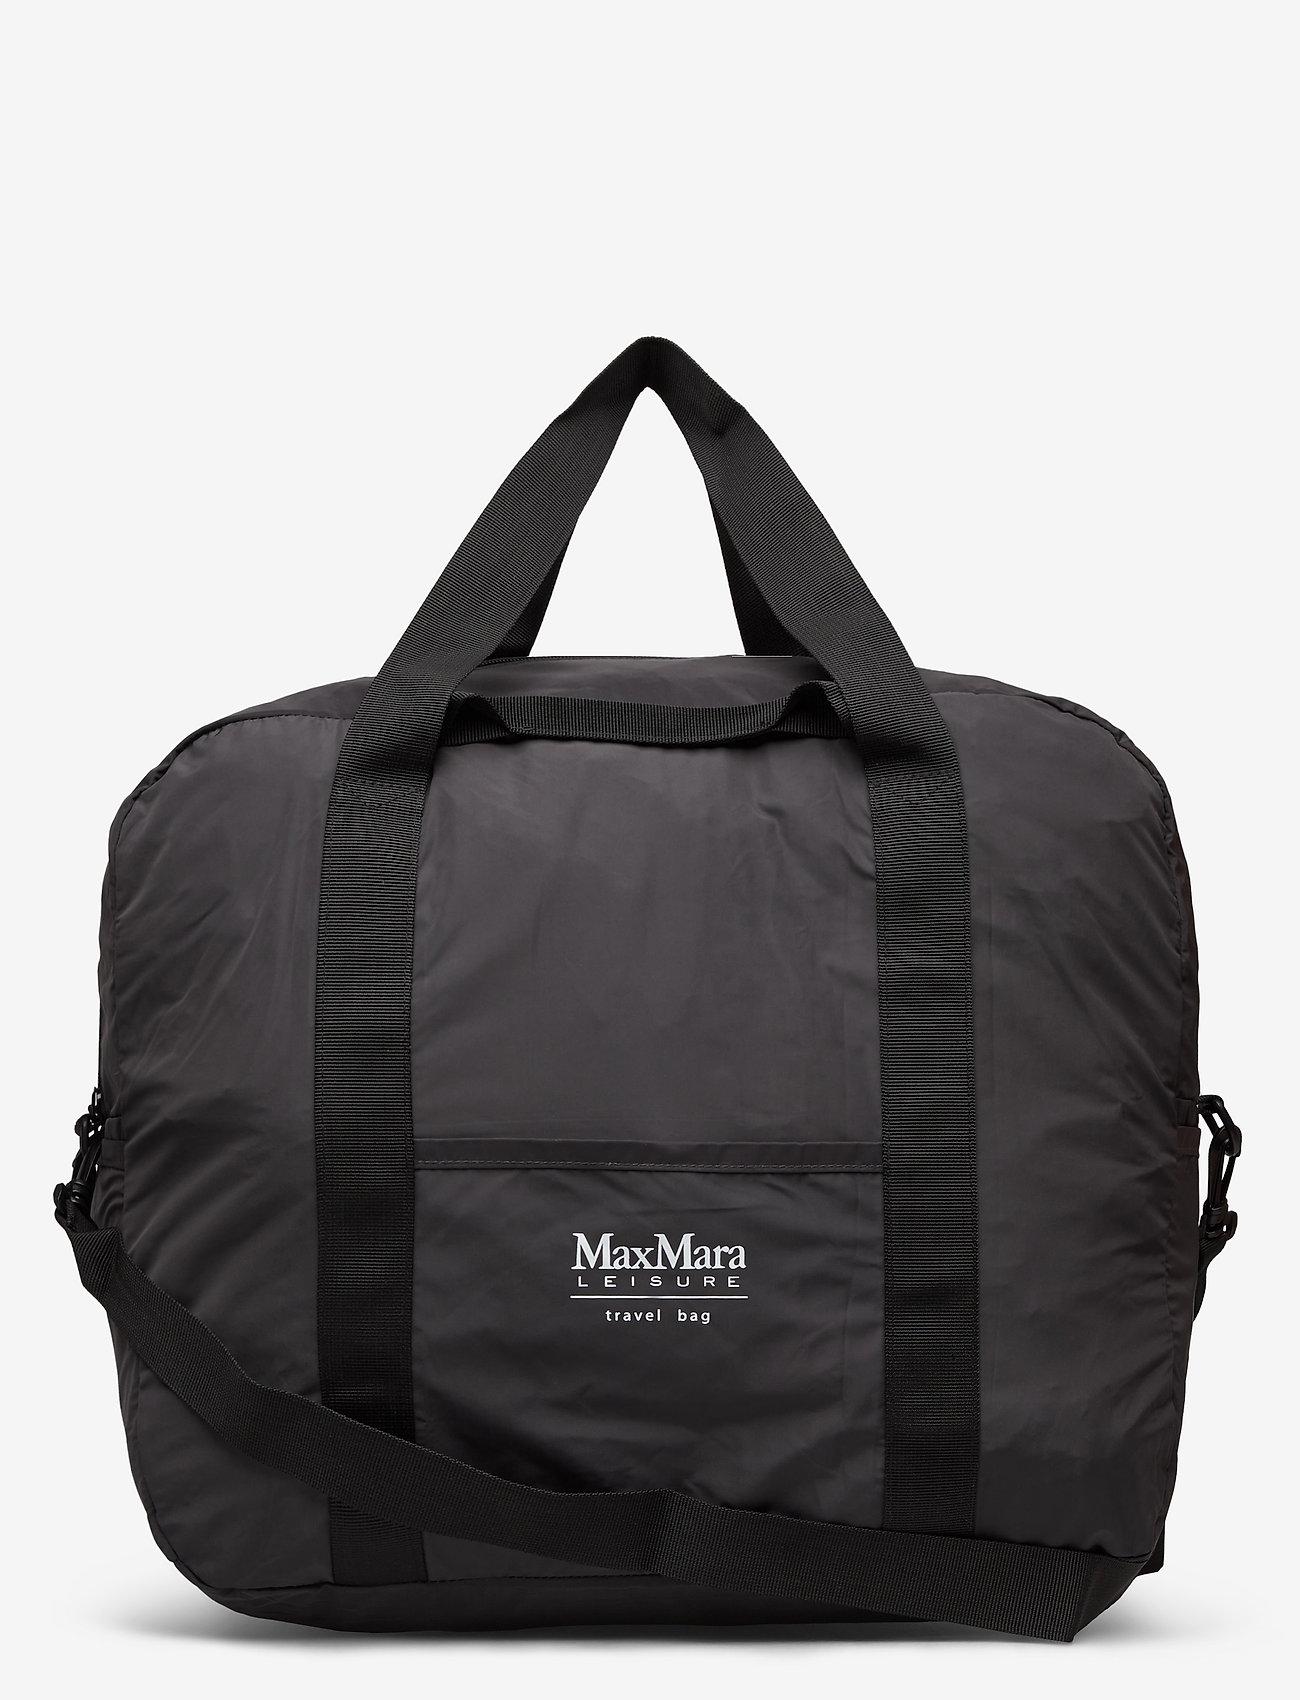 Max Mara Leisure - NARVA - torby podróżne i torby gimnastyczne - dark grey - 0